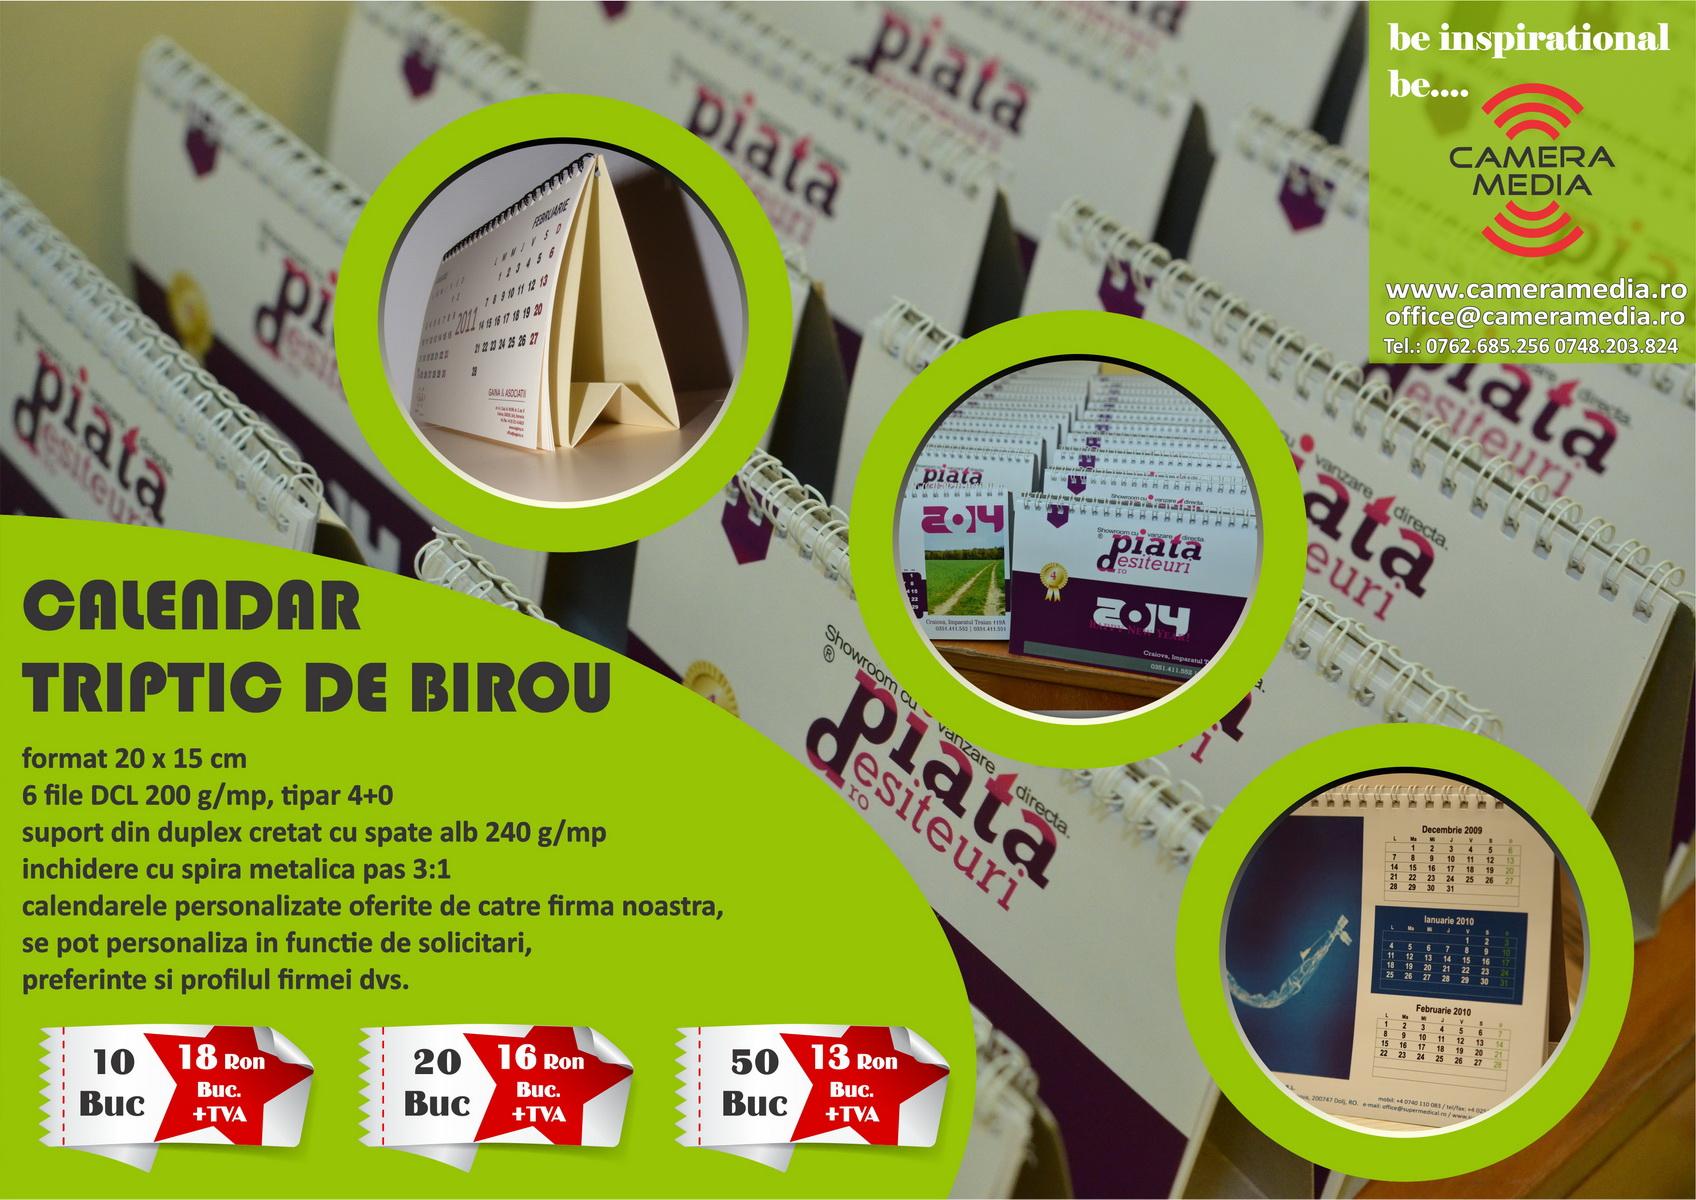 Calendar Triptic Birou Personalizat 2018 Craiova | Tiparituri Craiova | Promotionale Craiova | Calendare Personalizate Craiova 2018 | agende Personalizate Craiova 2018